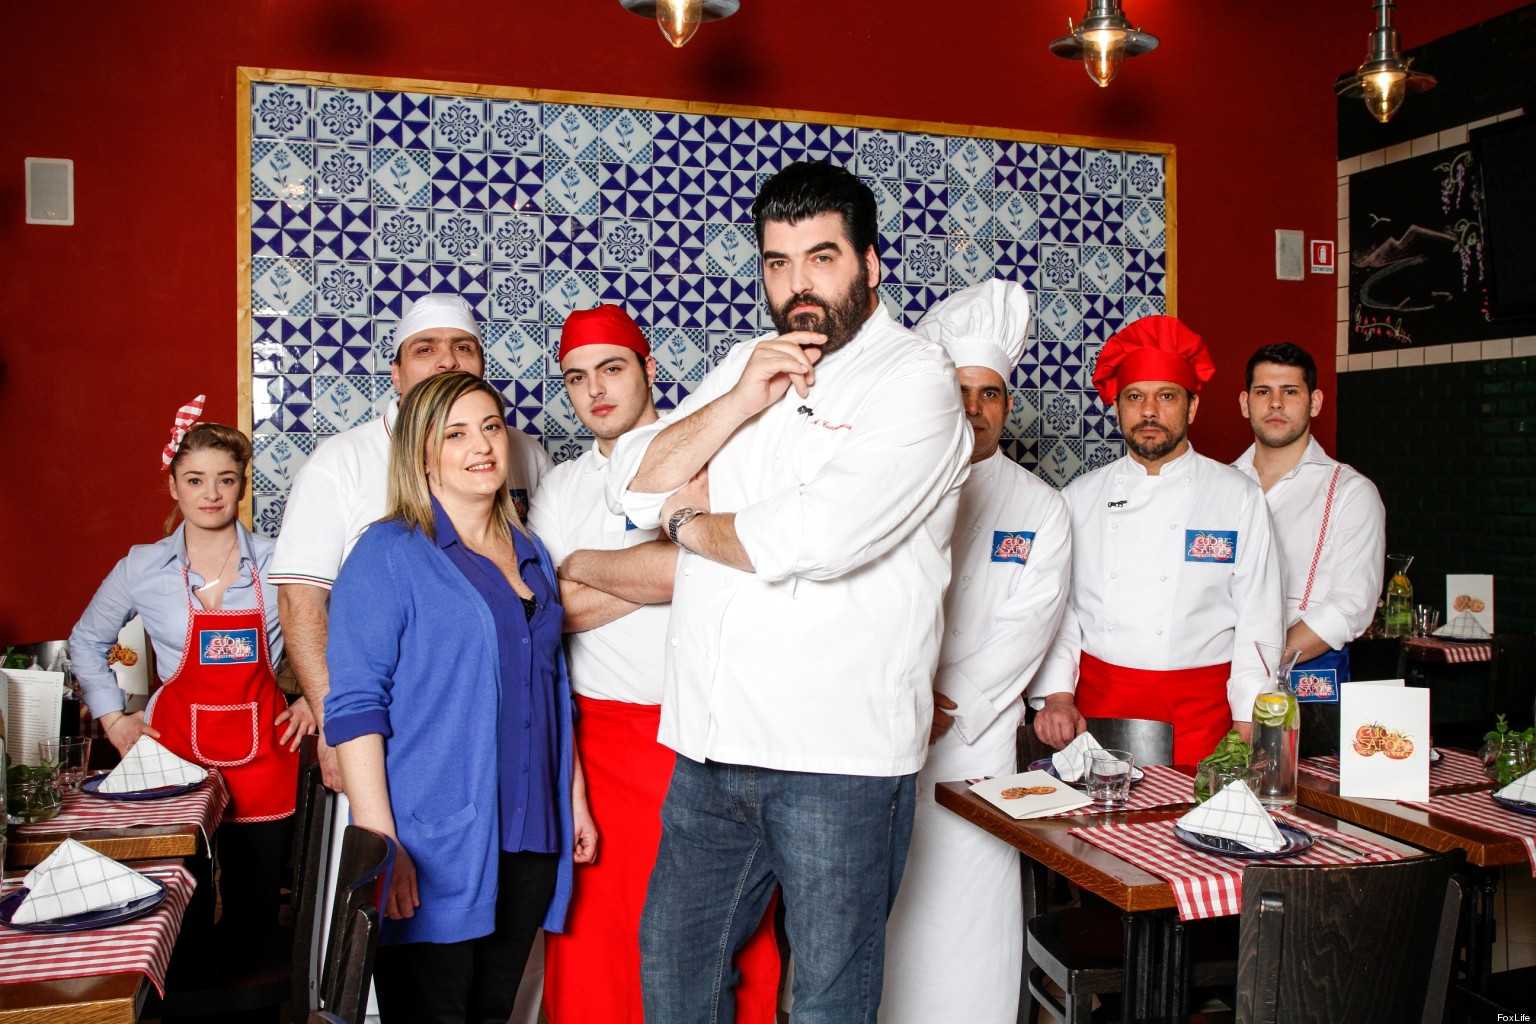 Cucine da incubo arriva in italia la produzione foxlife che aiuta i ristoranti a rimettersi in - Cucine da incubo cannavacciuolo ...